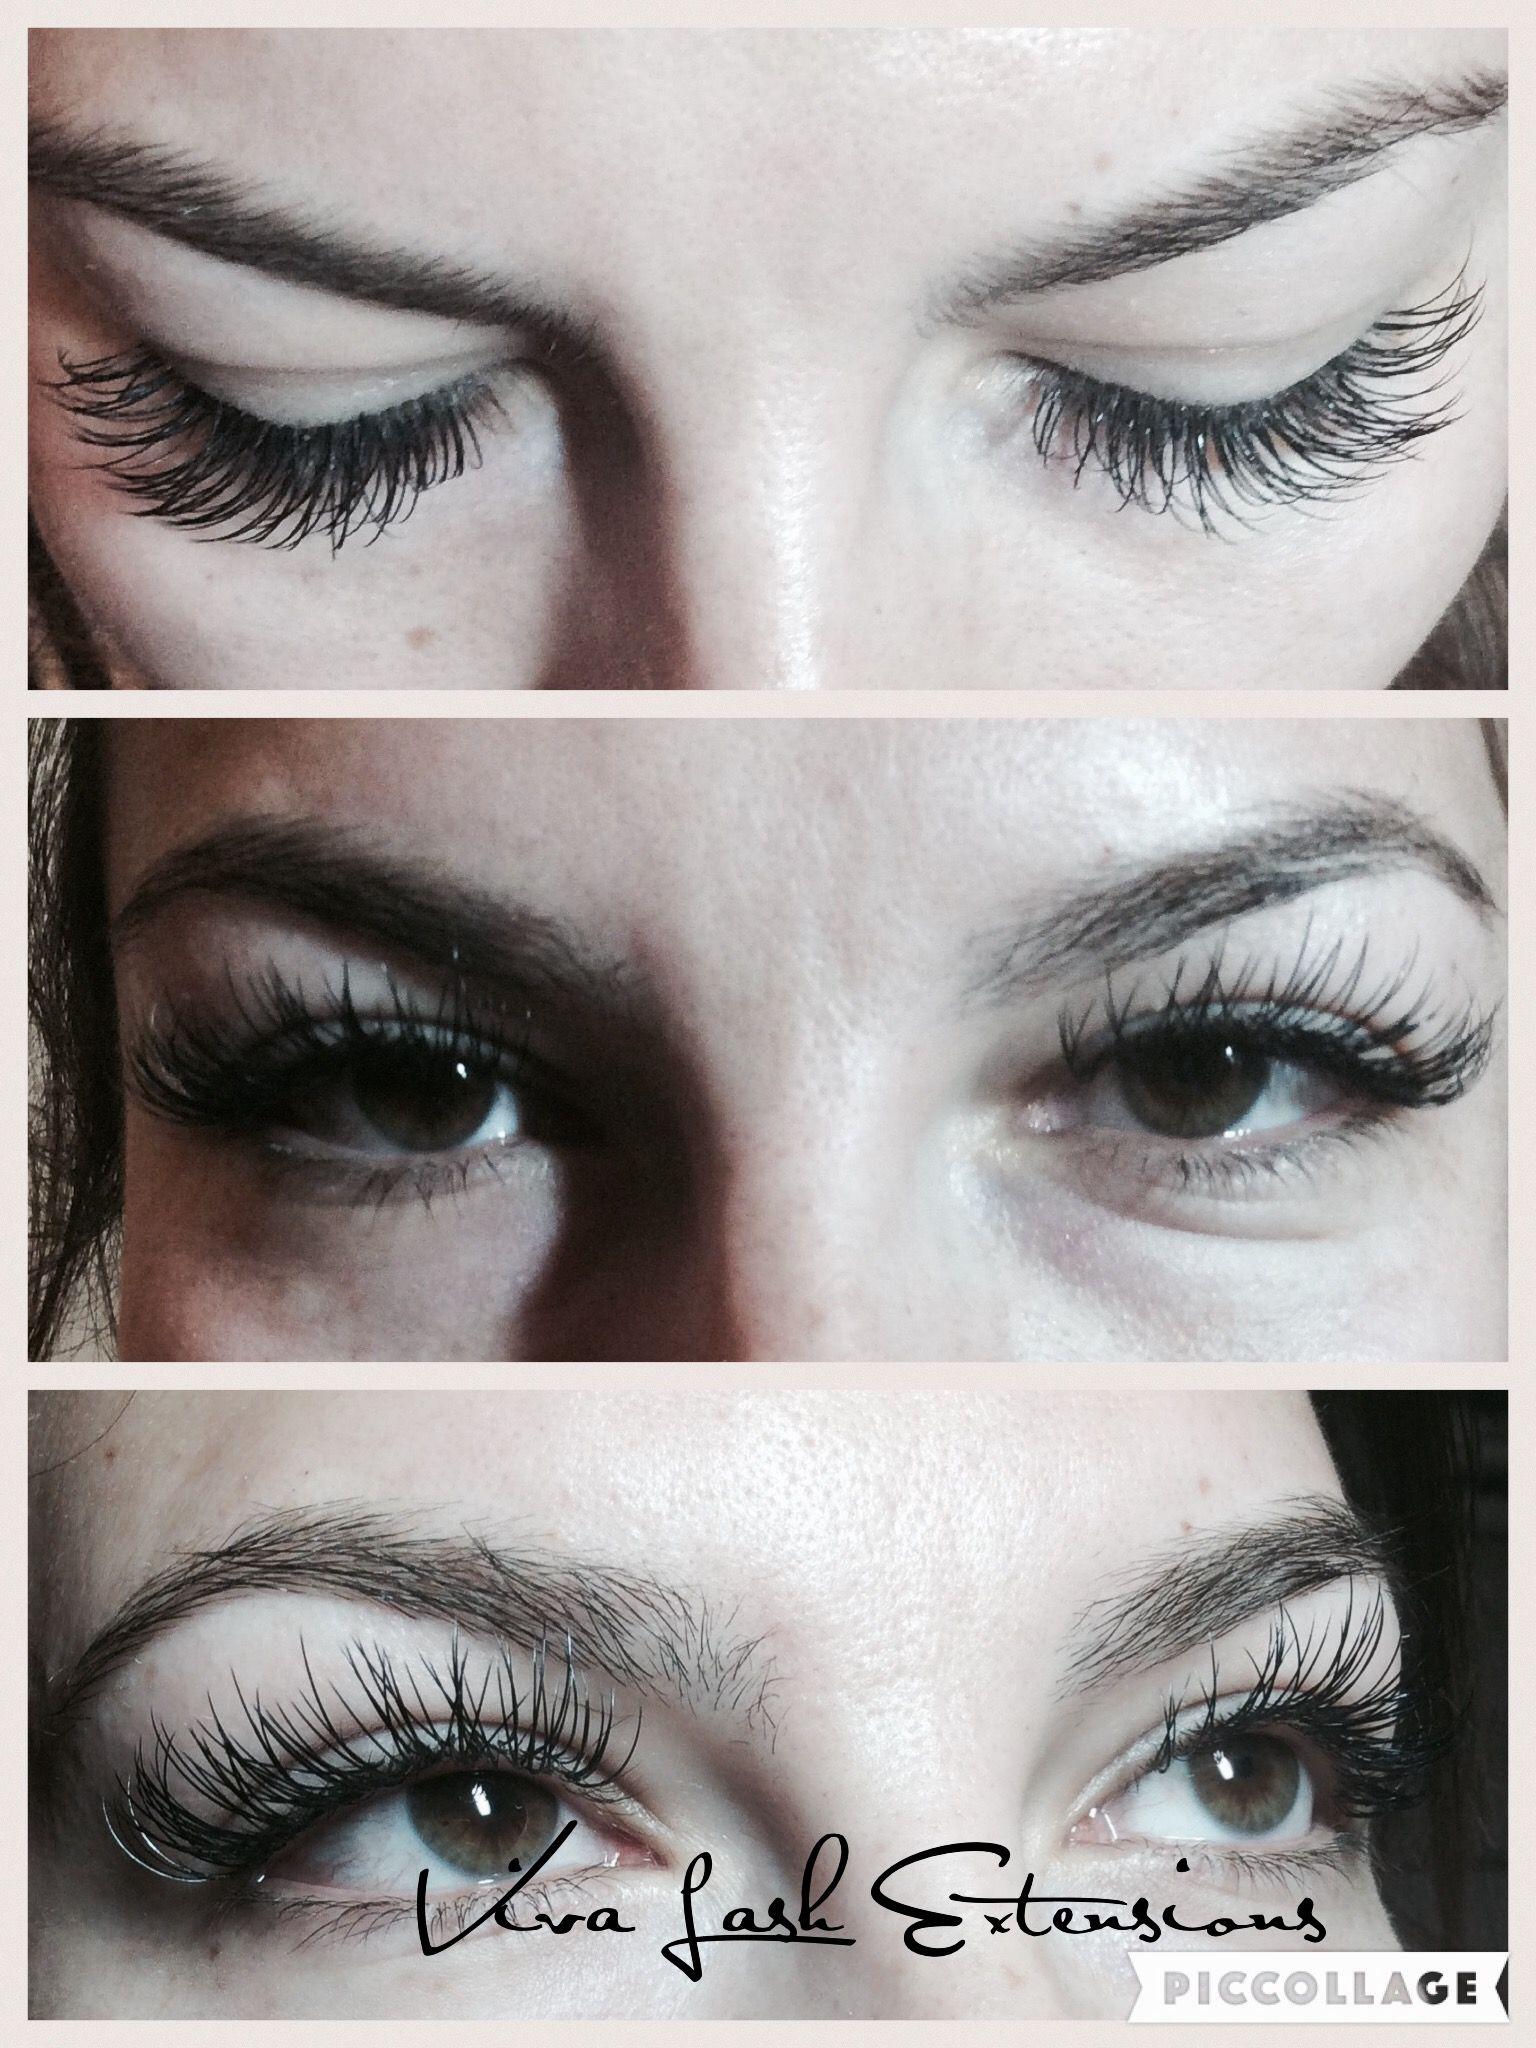 ed886391730 14 mm C curl ellipse classic lash | Viva Lash Extensions | Lash ...